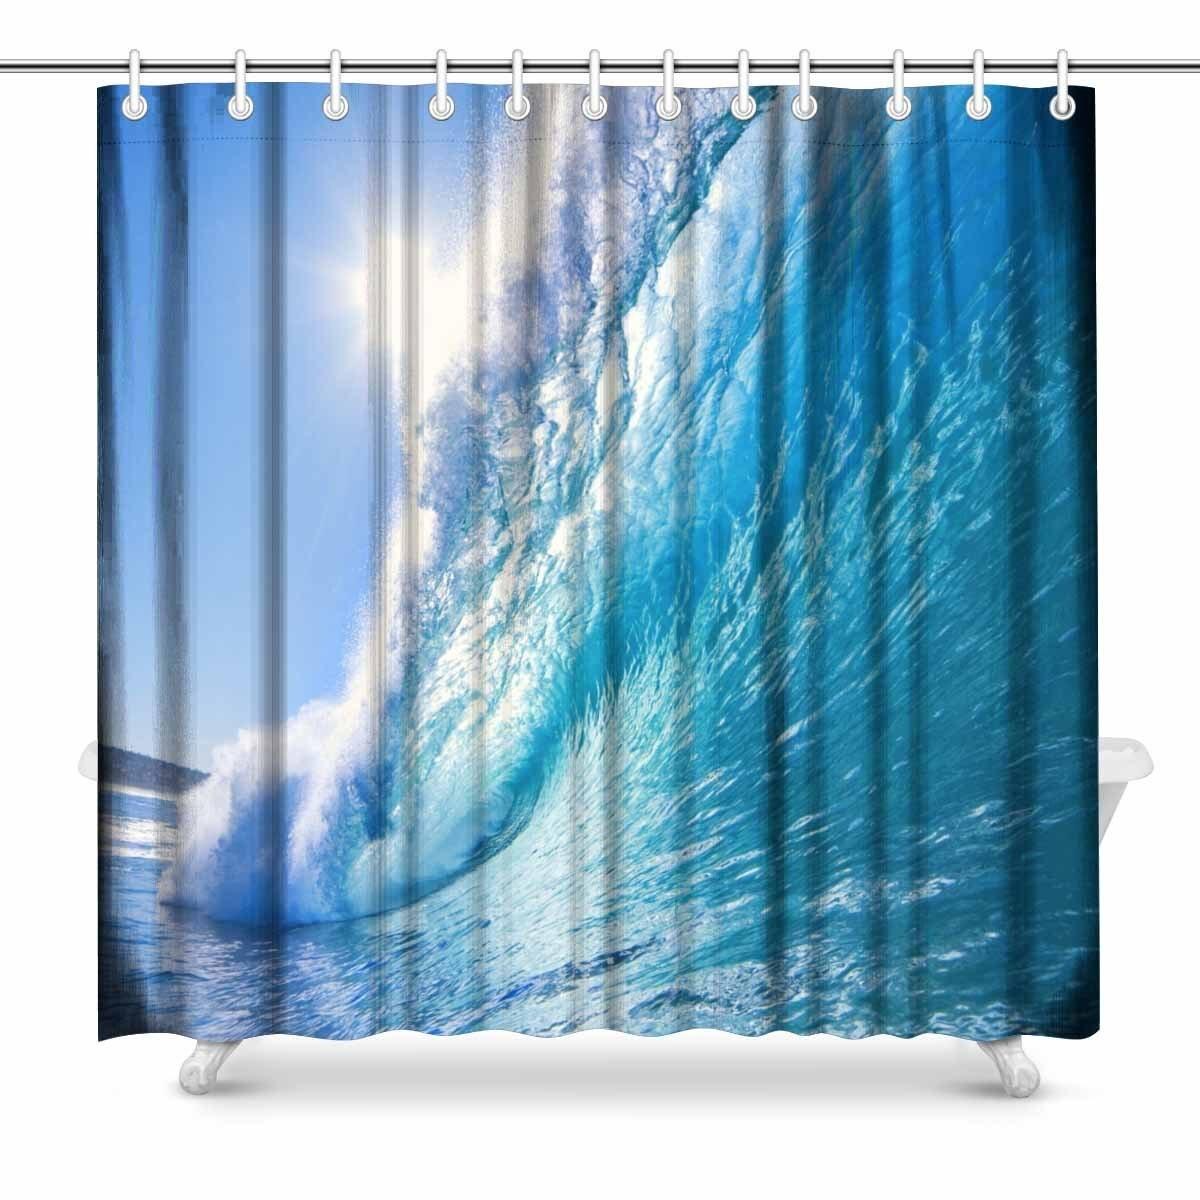 Aplysia Blue Ocean Wave Bathroom Shower Curtain